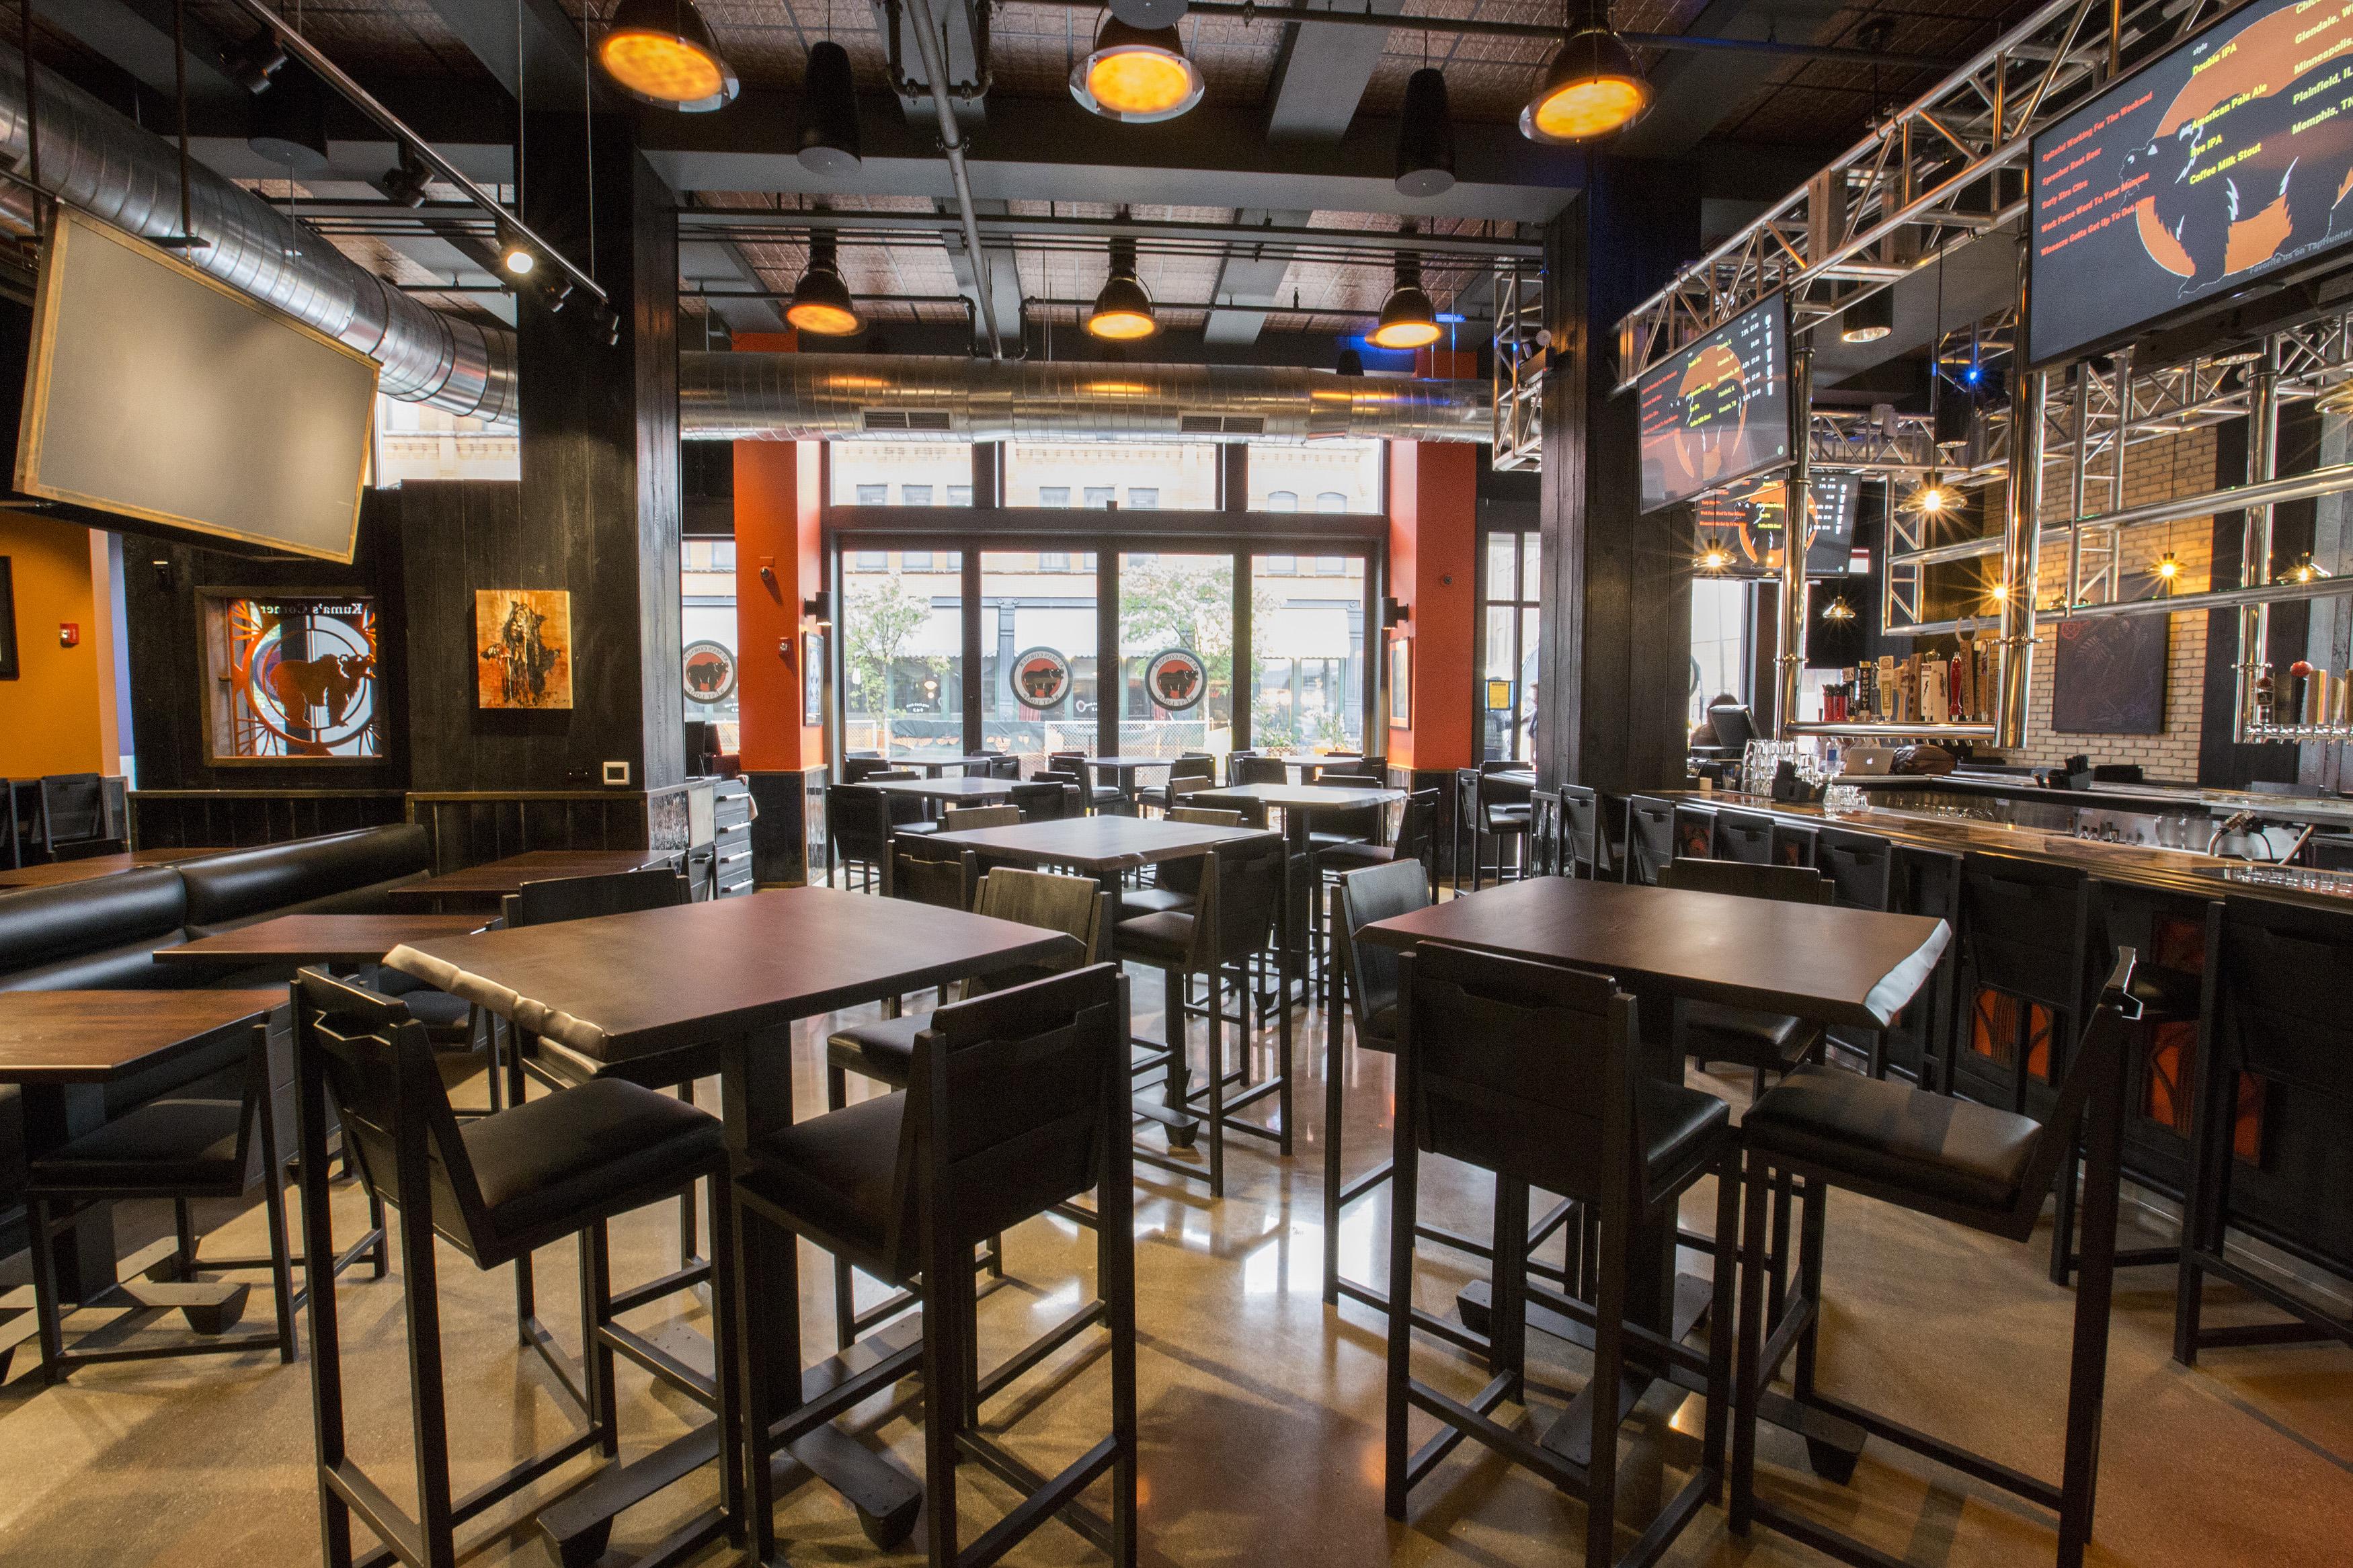 Poke Cafe Chicago